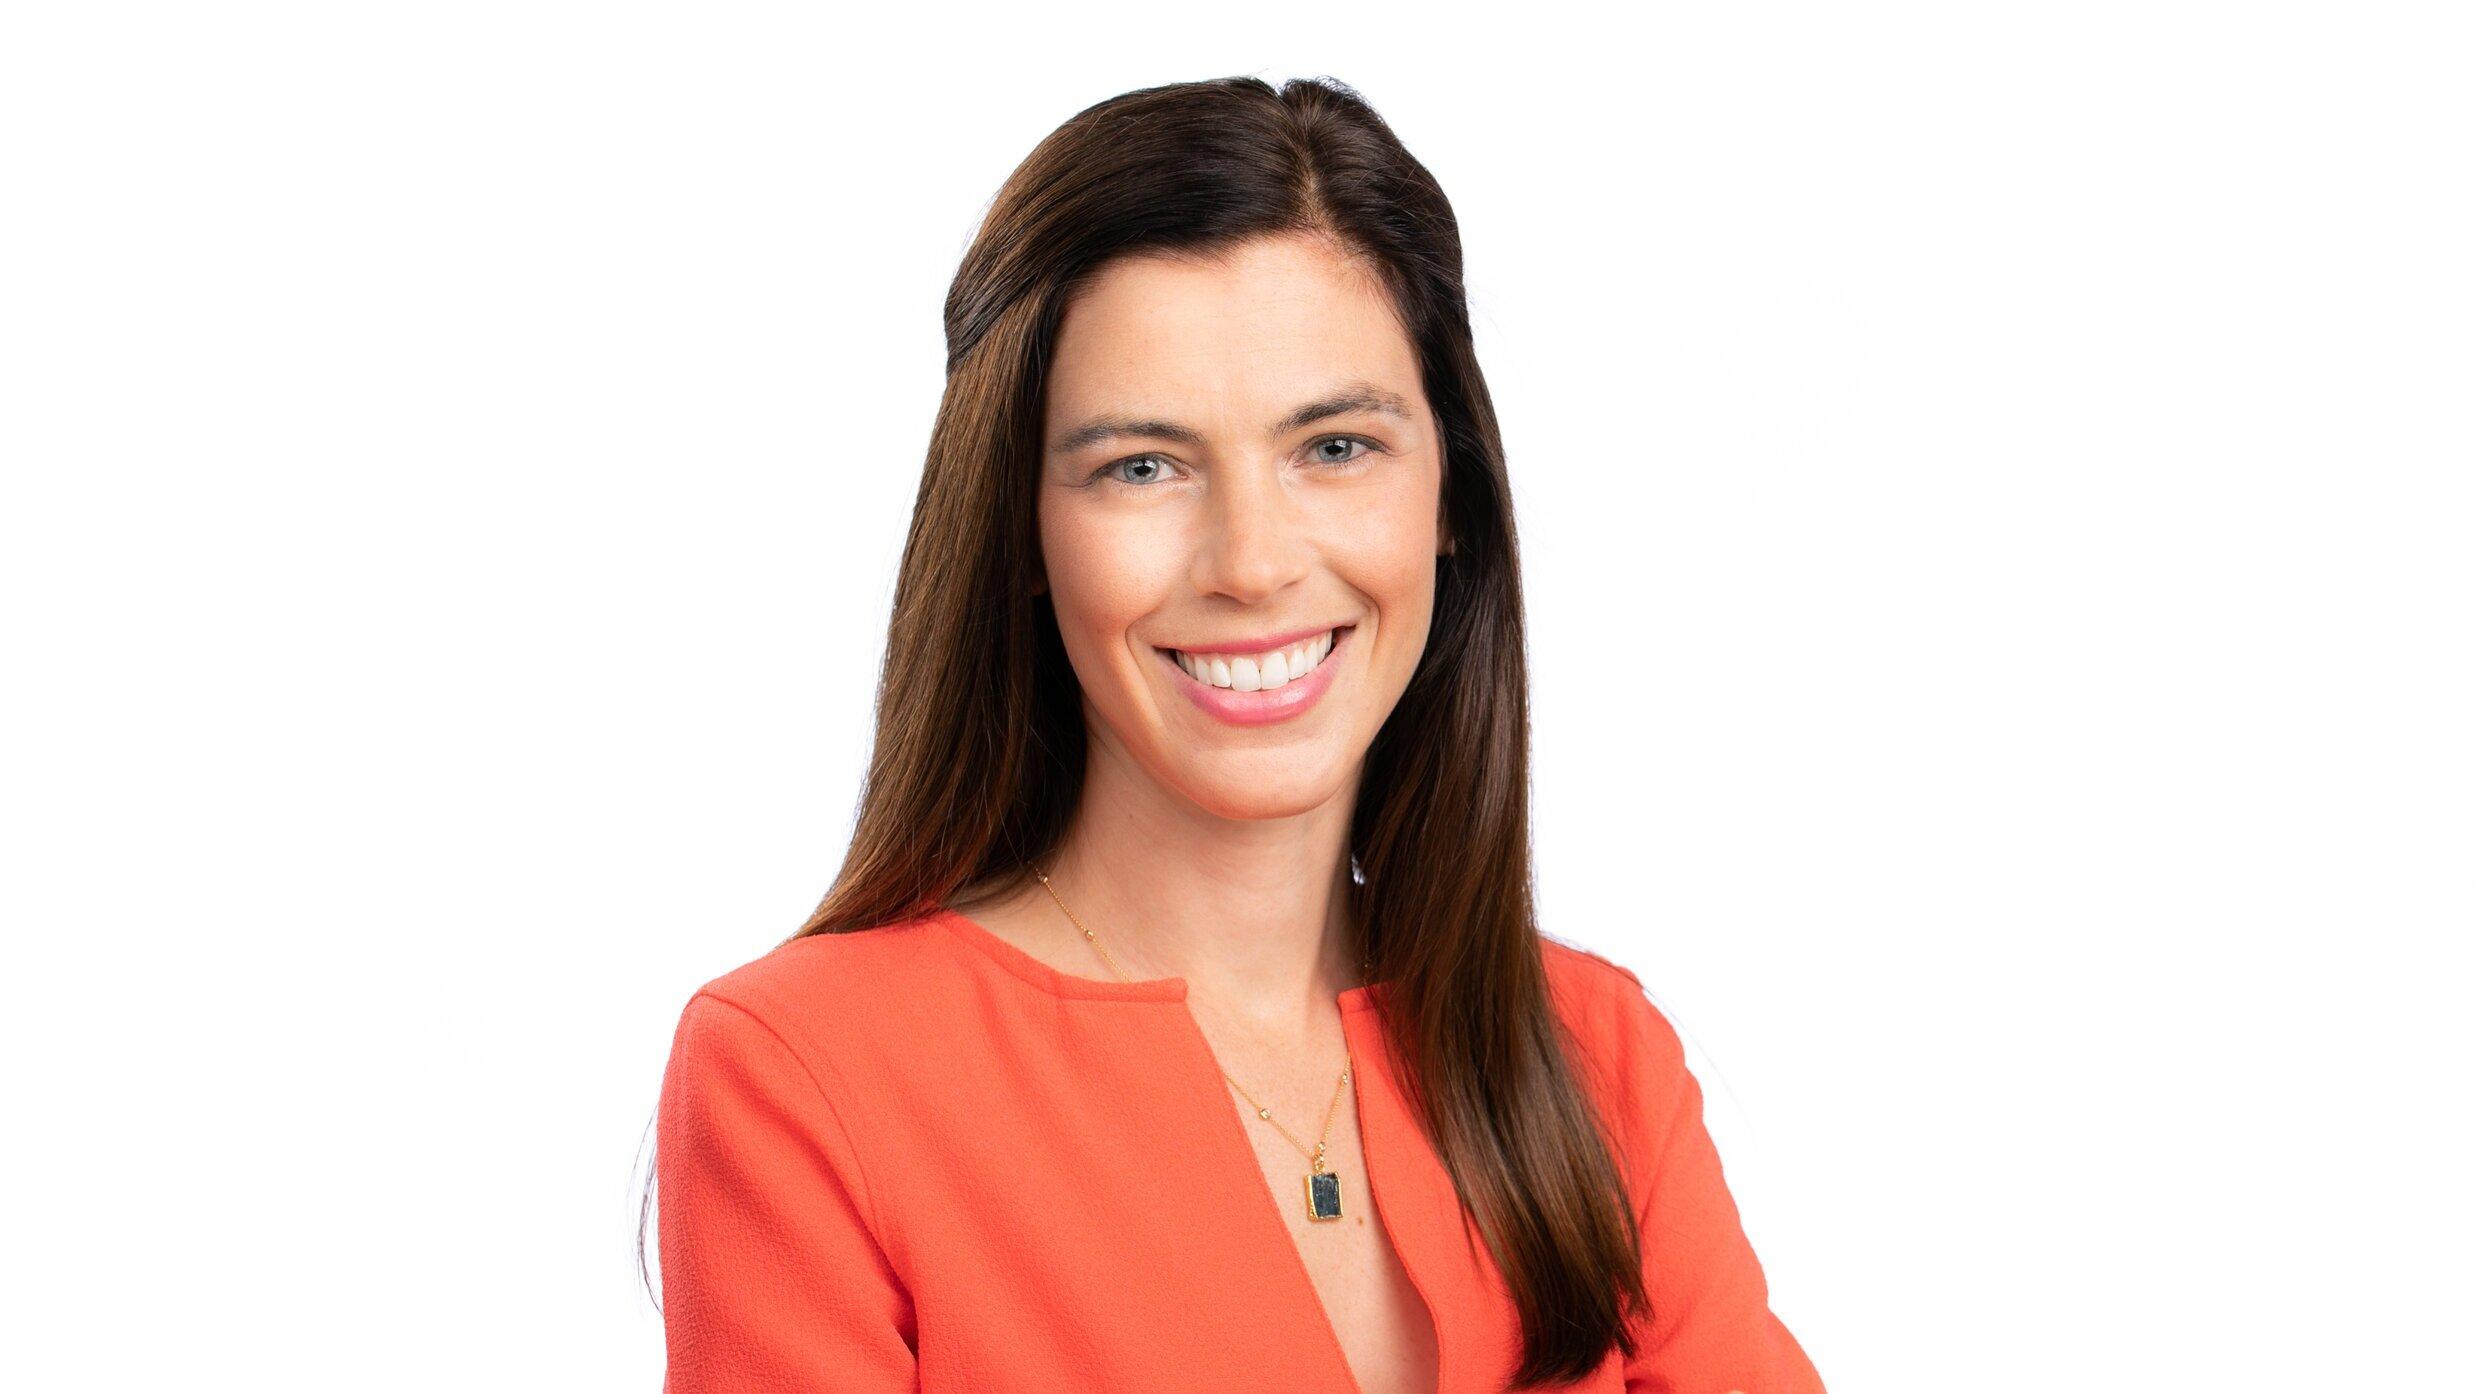 Dr. Victoria Parver